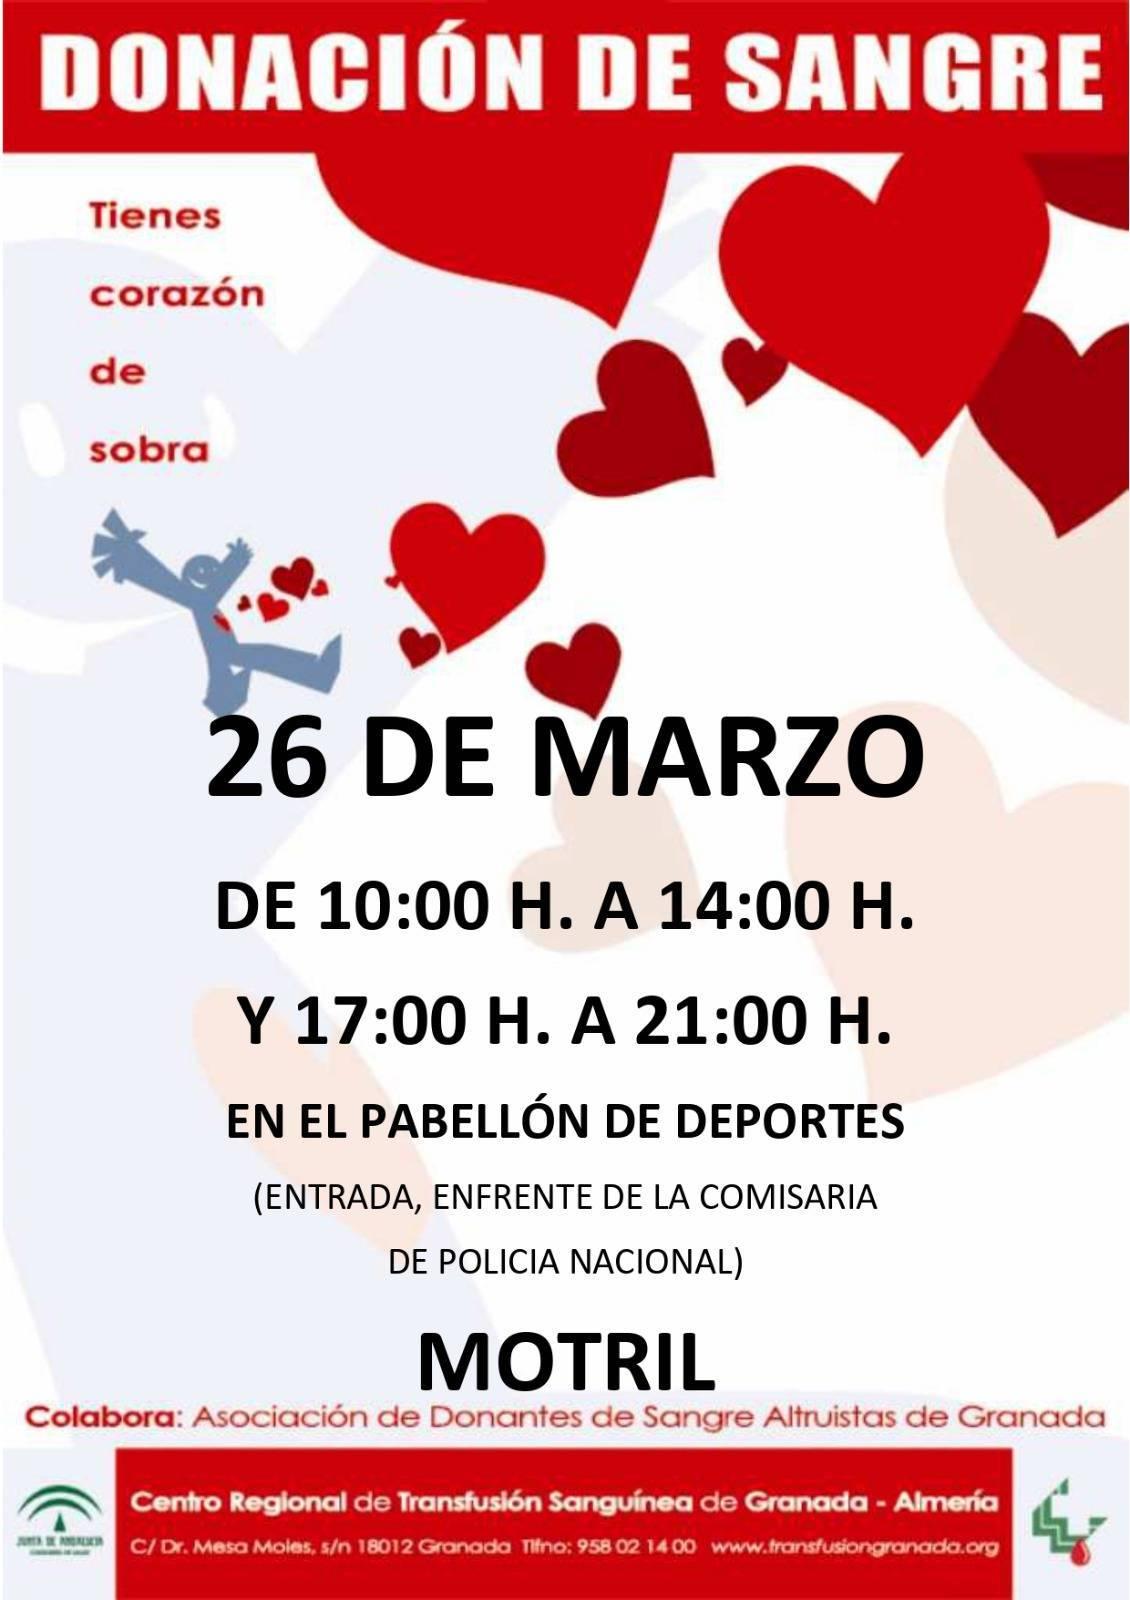 Donación de sangre (marzo 2021) - Motril (Granada)